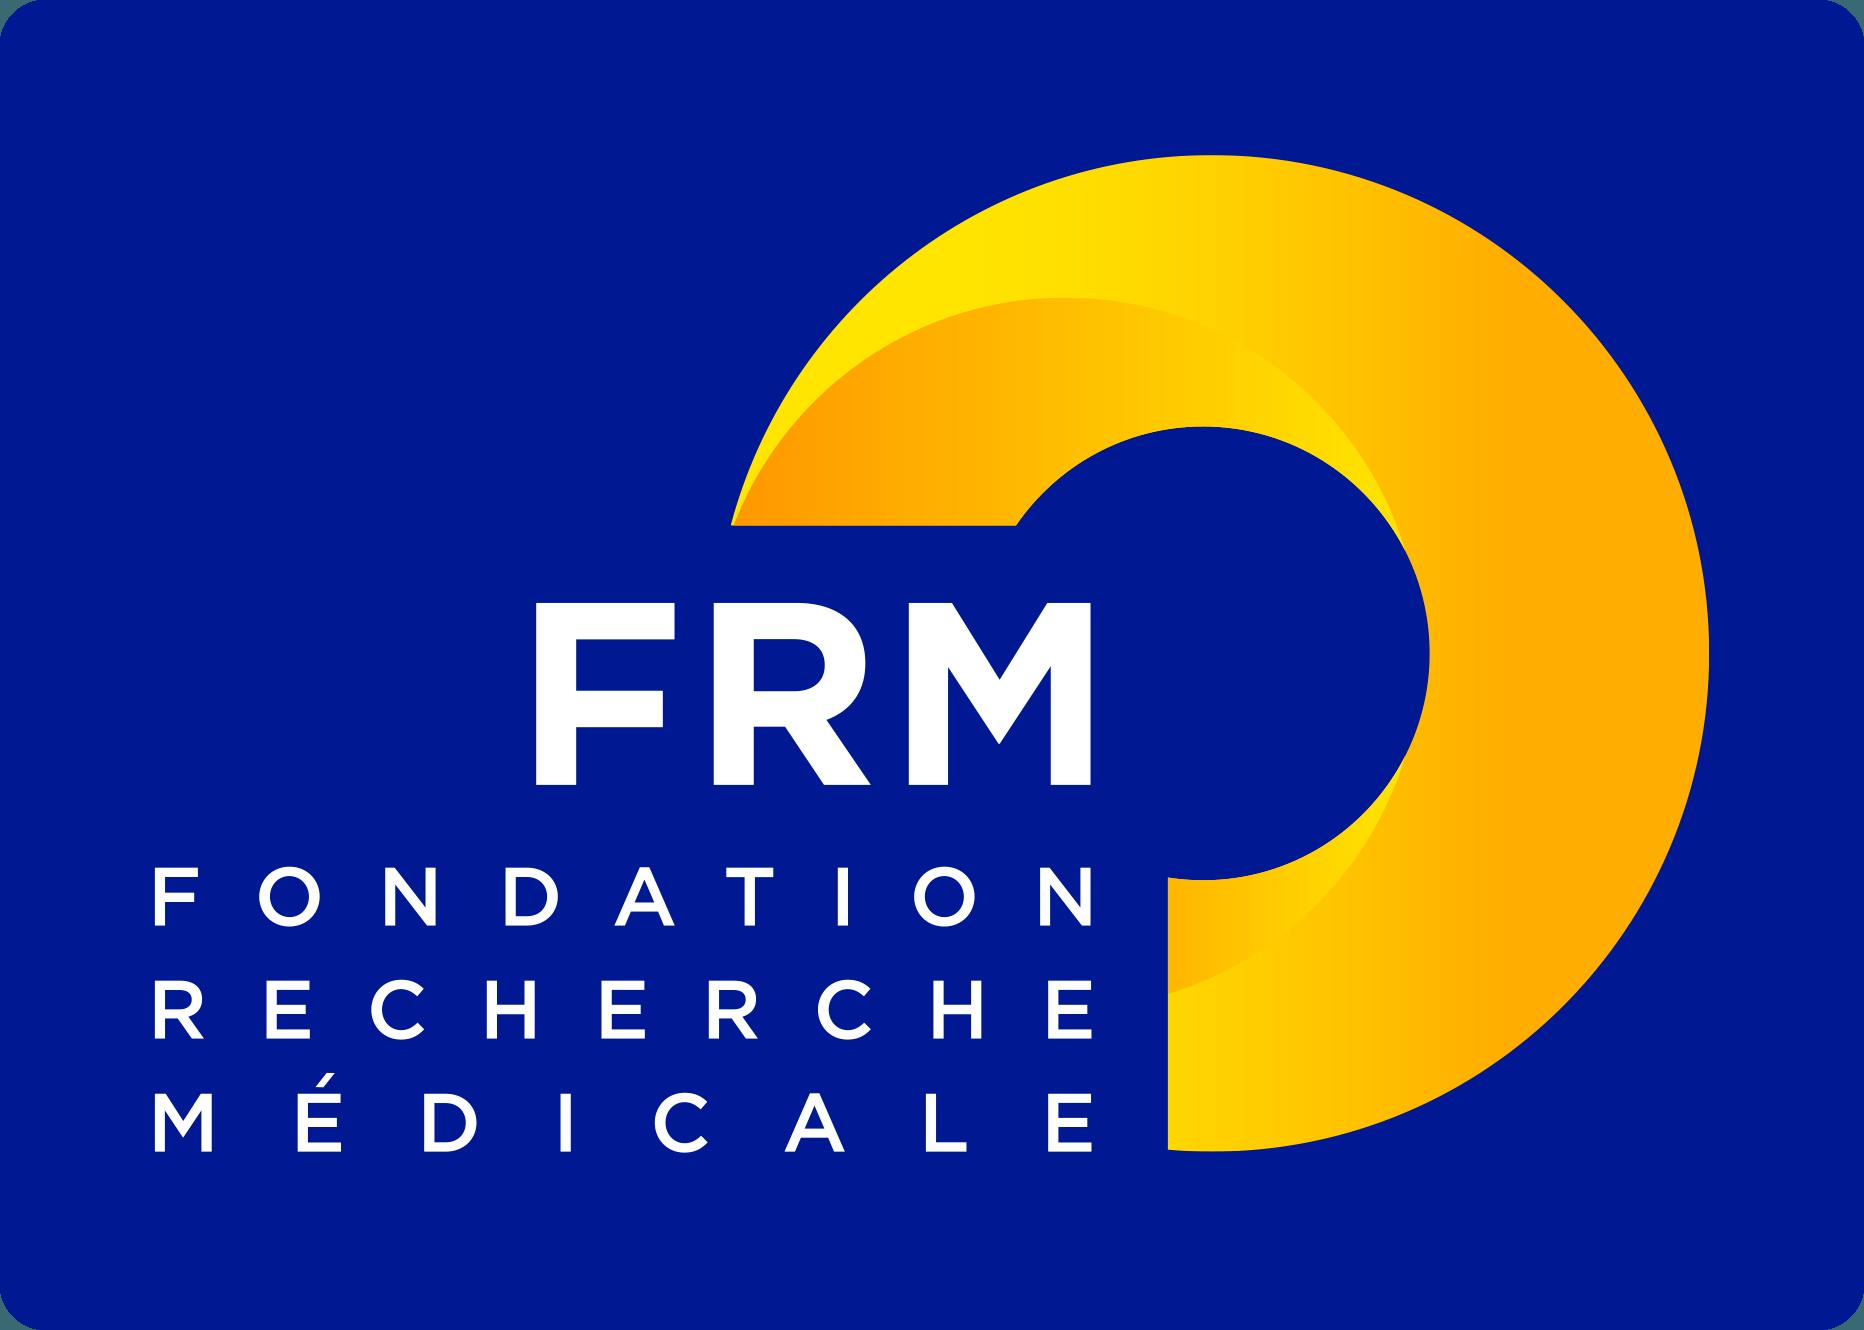 FRM - Fondation Recherche Médicale